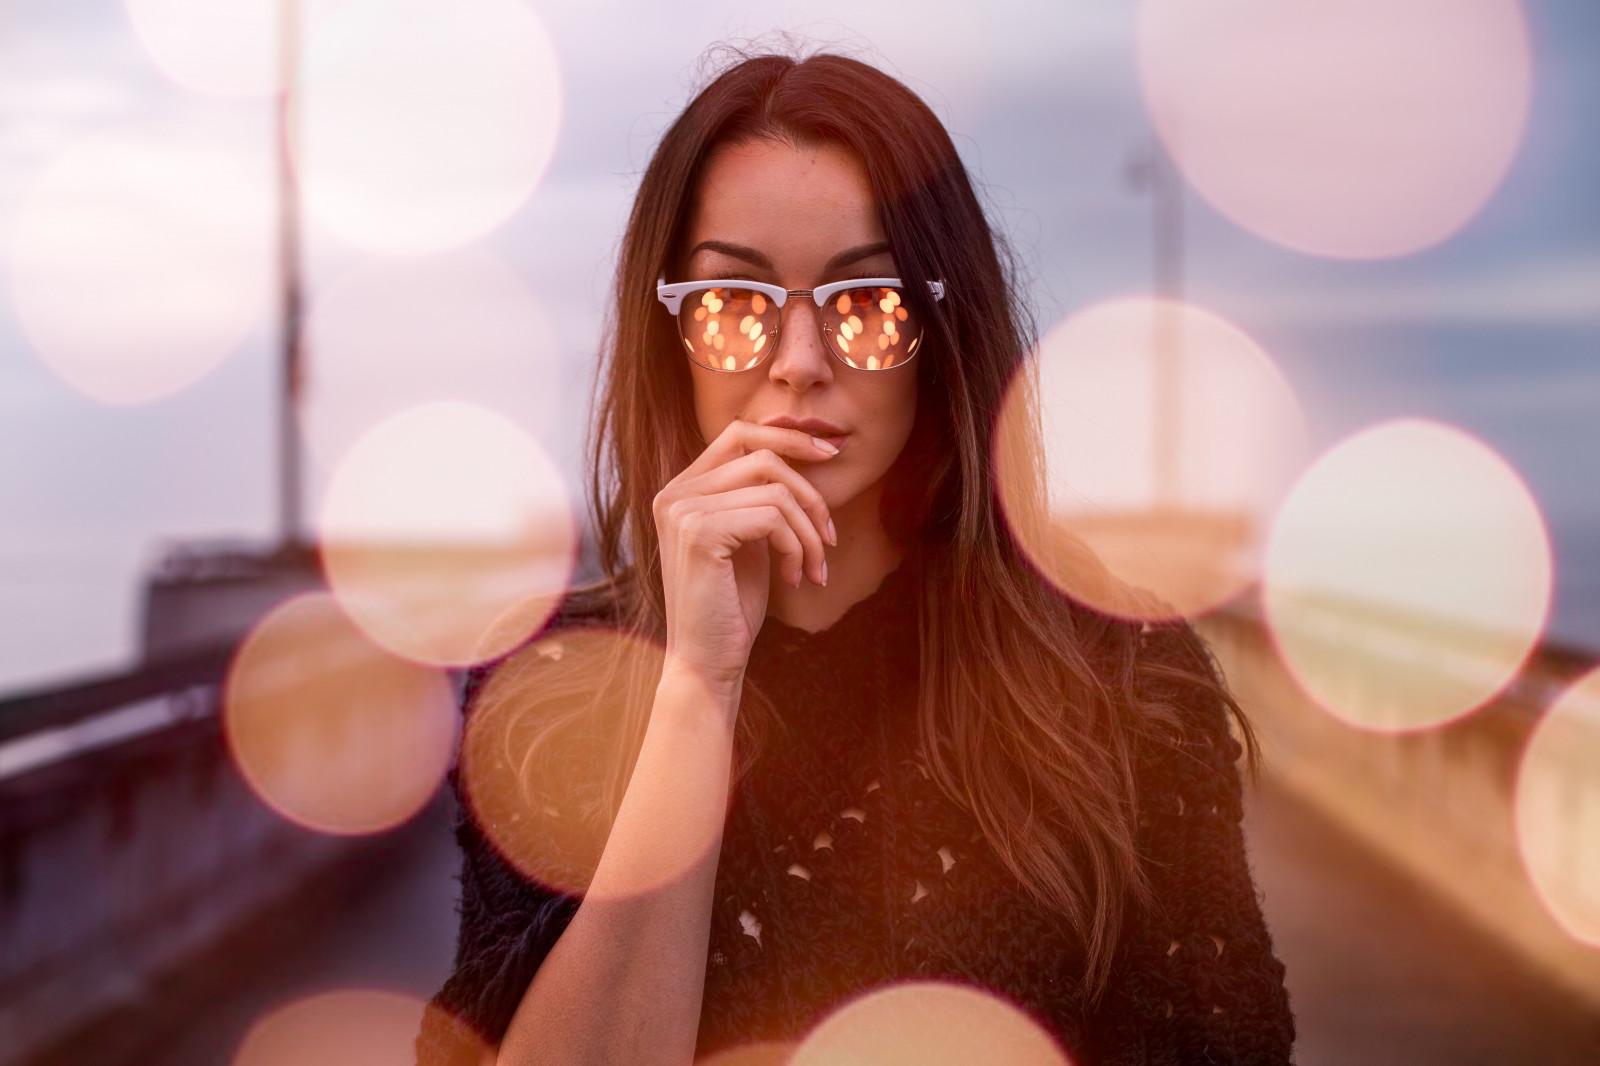 Девушка позирует в очках видео онлайн